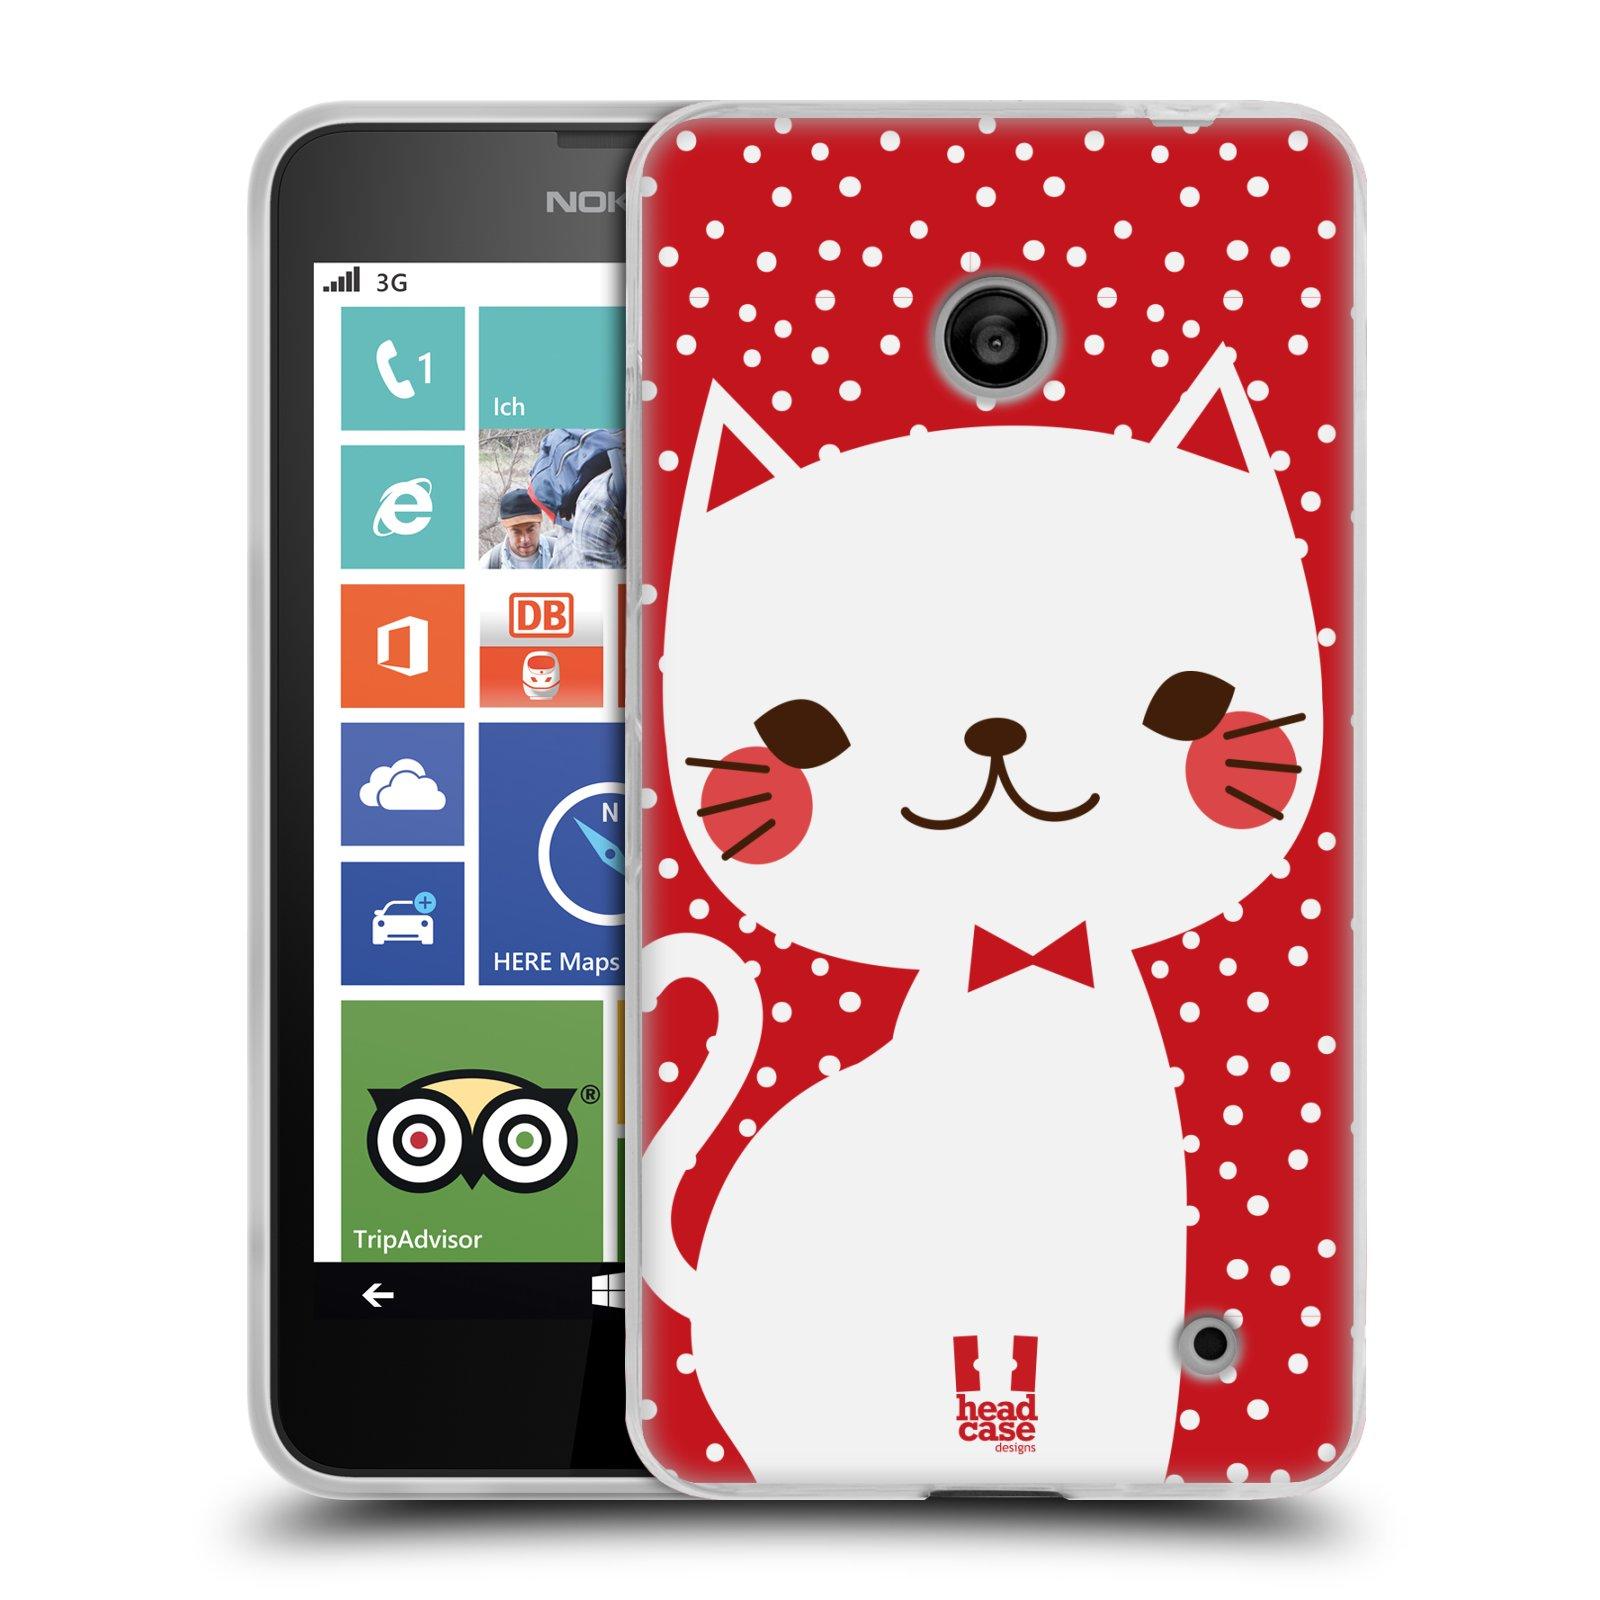 Silikonové pouzdro na mobil Nokia Lumia 630 HEAD CASE KOČIČKA BÍLÁ NA ČERVENÉ (Silikonový kryt či obal na mobilní telefon Nokia Lumia 630 a Nokia Lumia 630 Dual SIM)